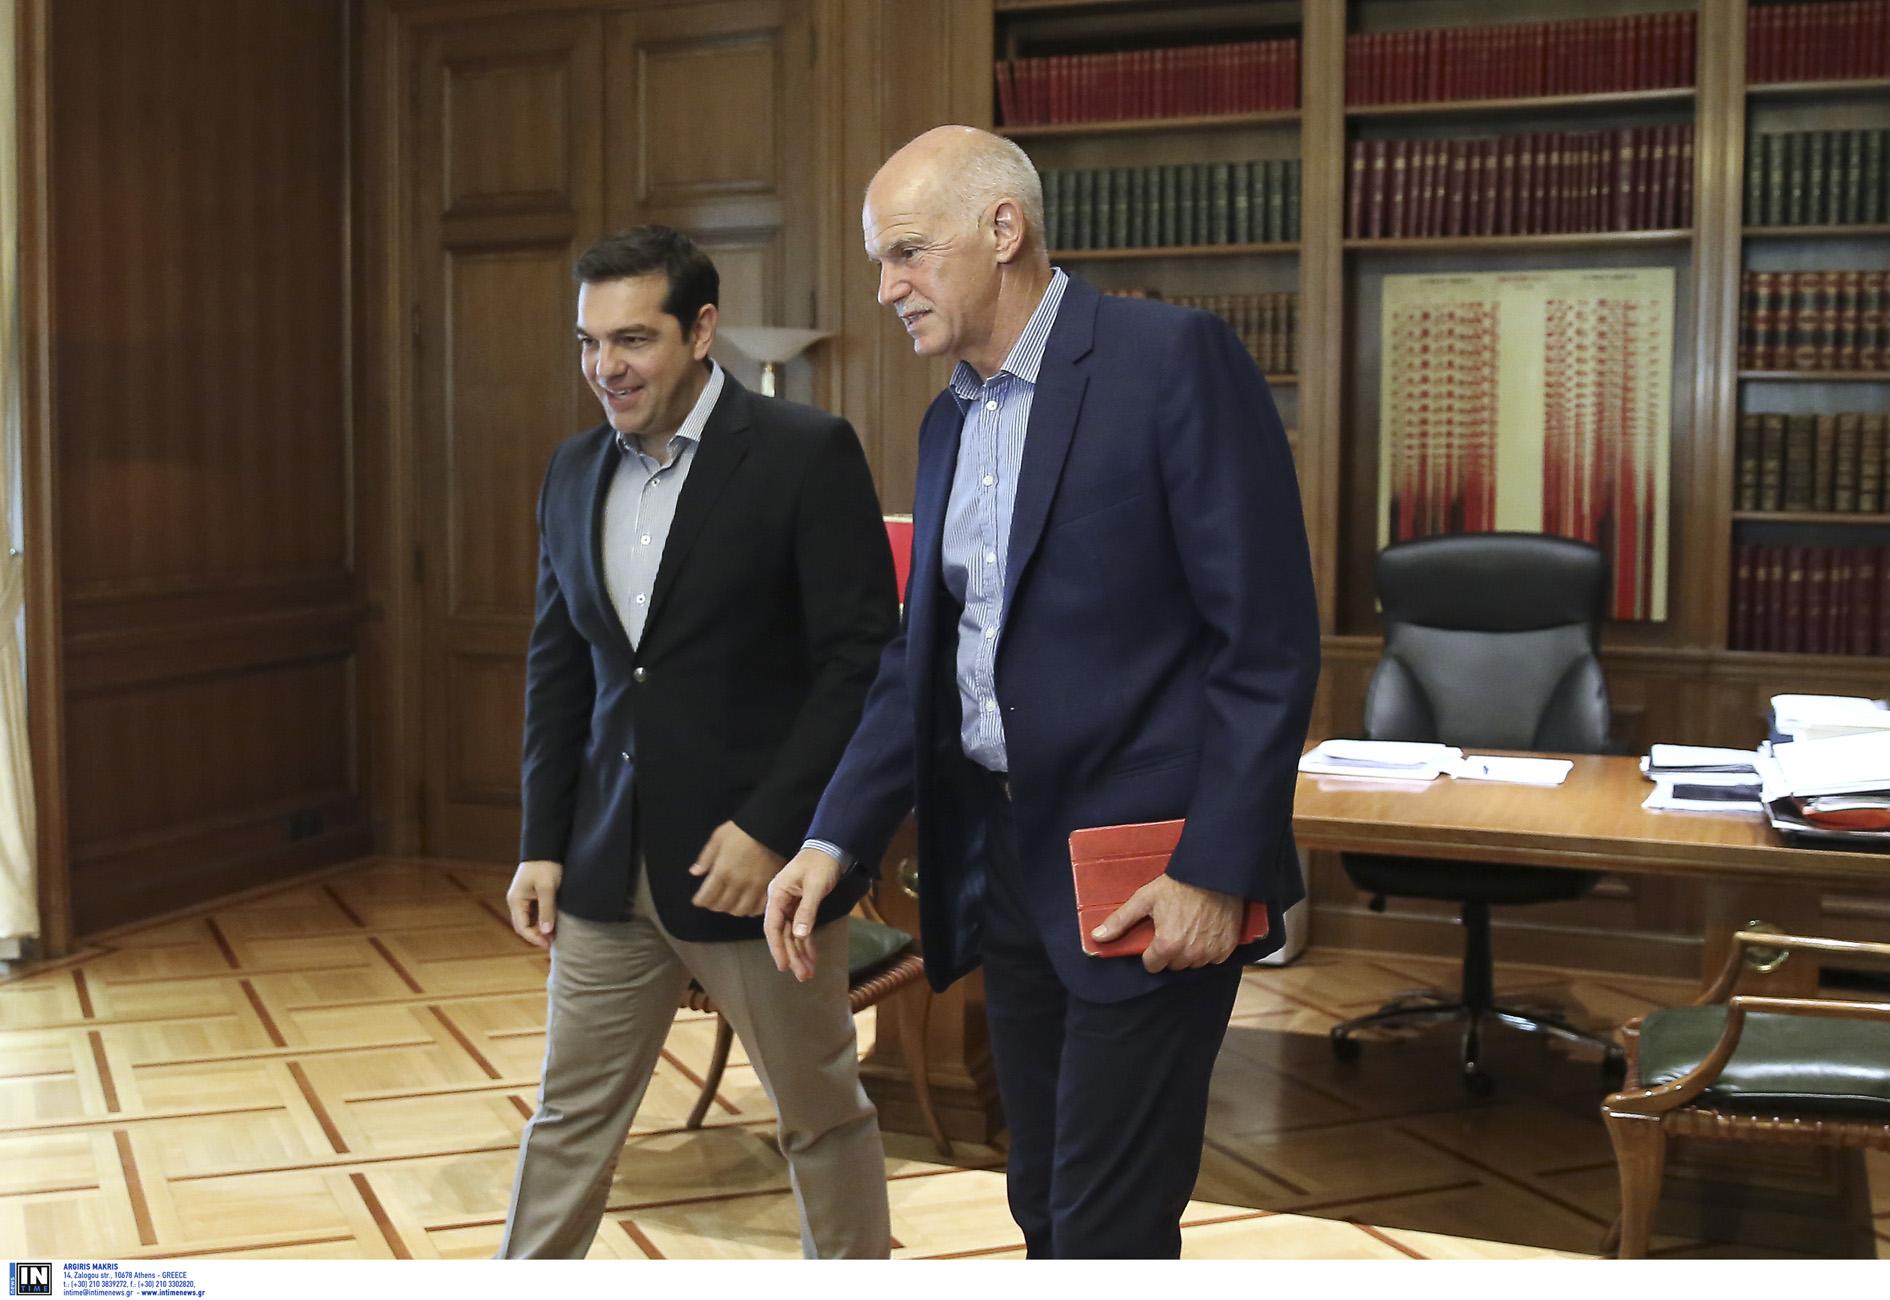 ΣΥΡΙΖΑ και Παπανδρέου διαψεύδουν τα σενάρια ένταξης στη Σοσιαλιστική Διεθνή